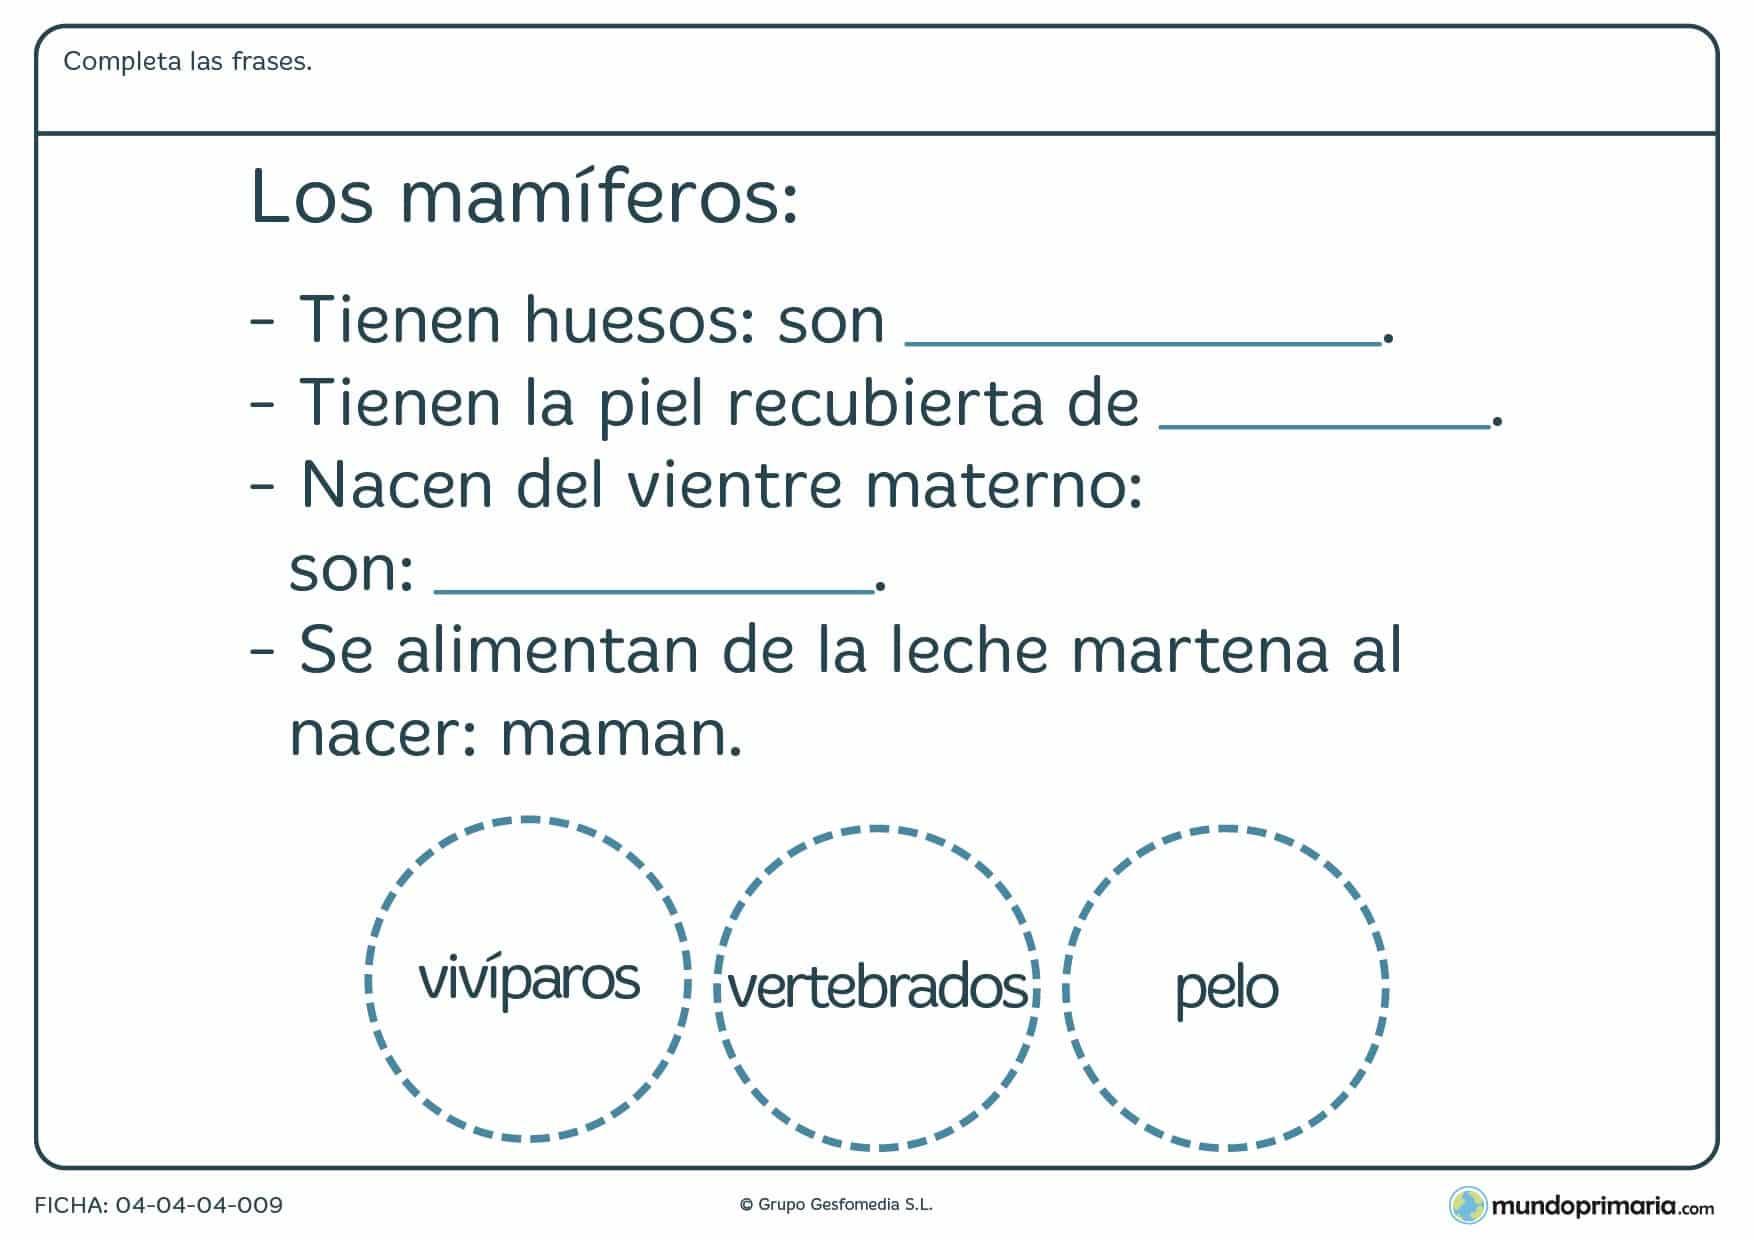 Ficha de los mamíferos en el que hay que completar las frases con las palabras proporcionadas por el ejercicio.